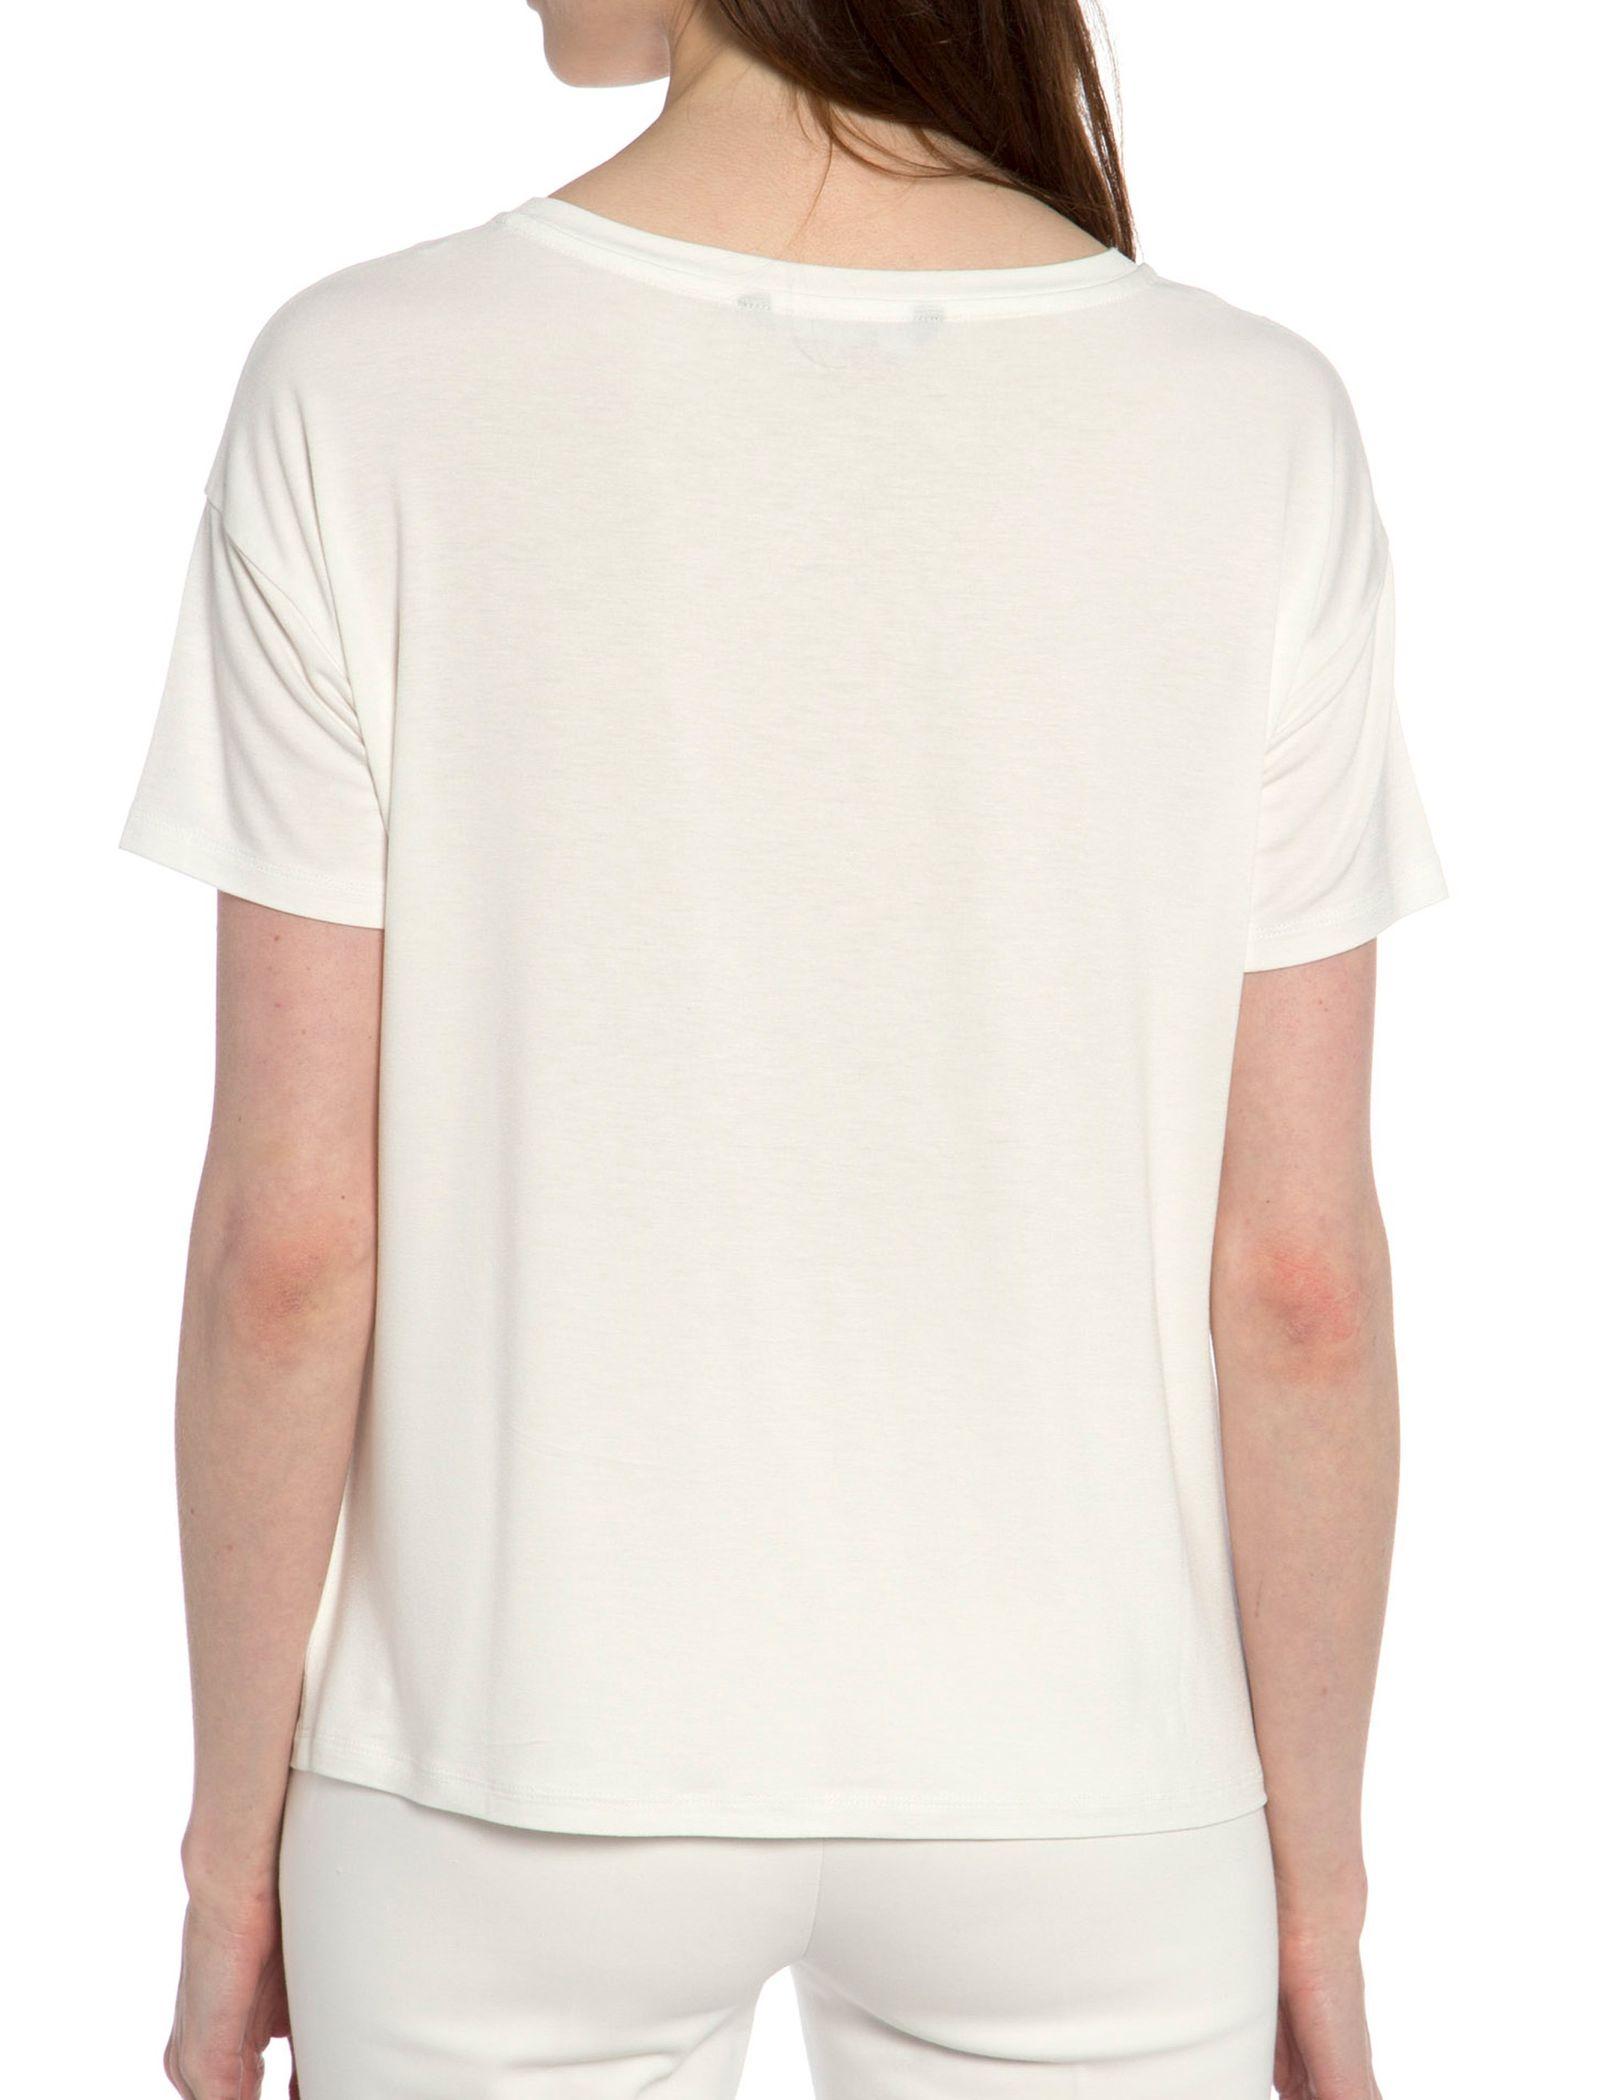 تی شرت ویسکوز یقه گرد زنانه - ال سی وایکیکی - سفيد - 2